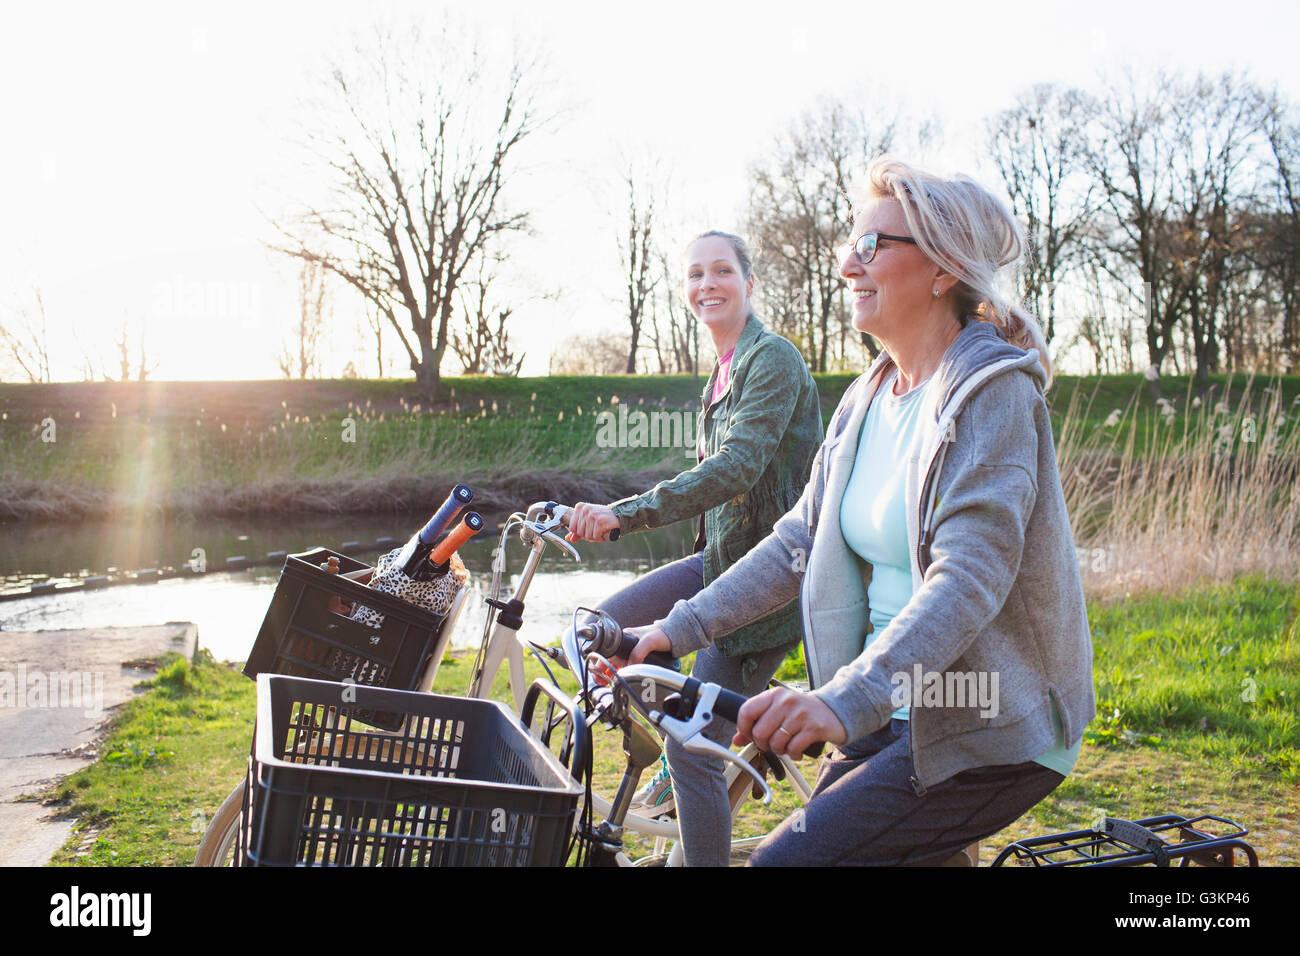 Vue latérale de la femme vélo bicyclettes par river Photo Stock